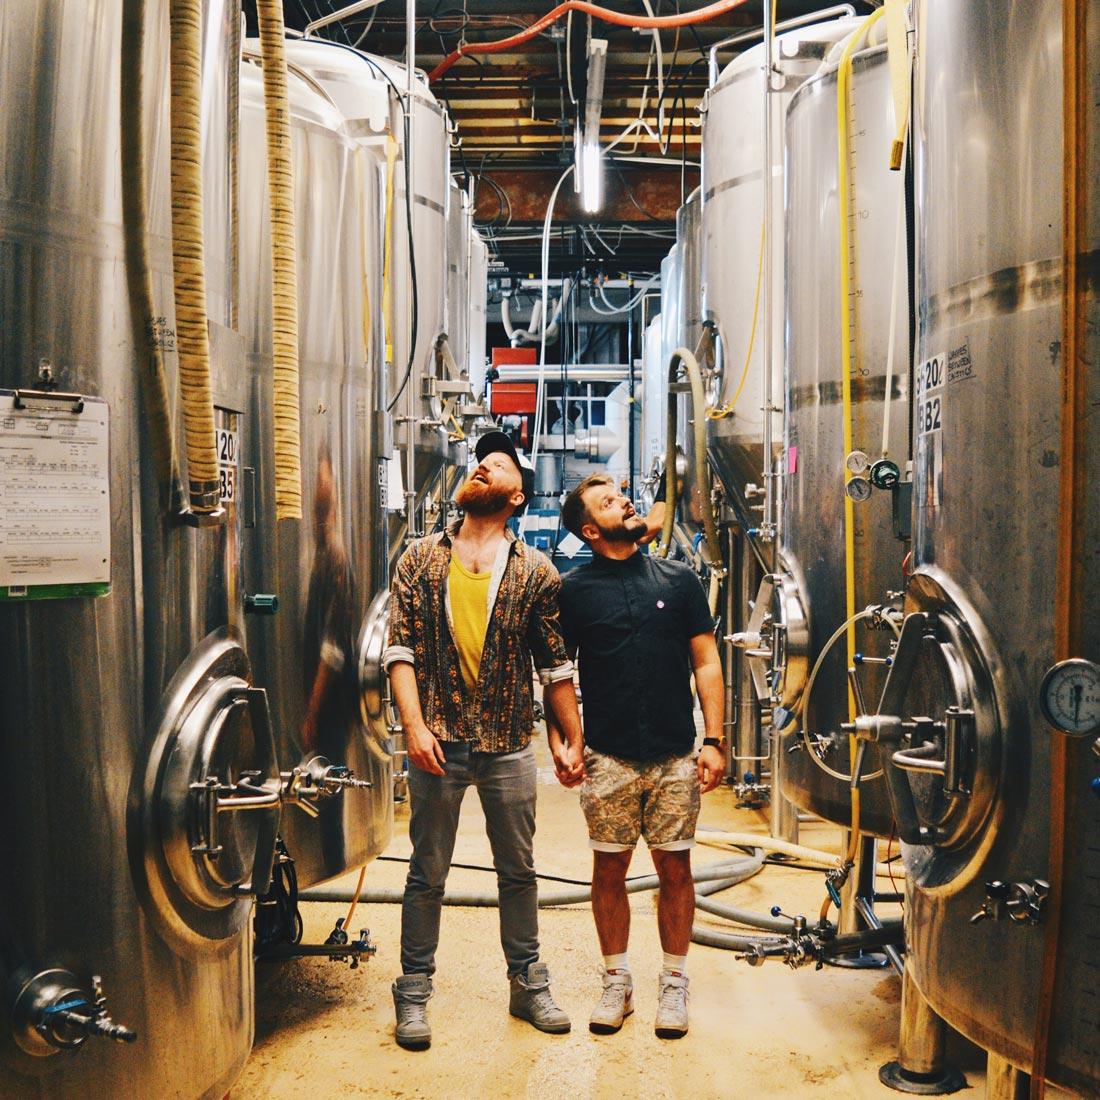 Our Brewery Tour Ally Kat in Edmonton | Gay Edmonton Pride Festival © Coupleofmen.com